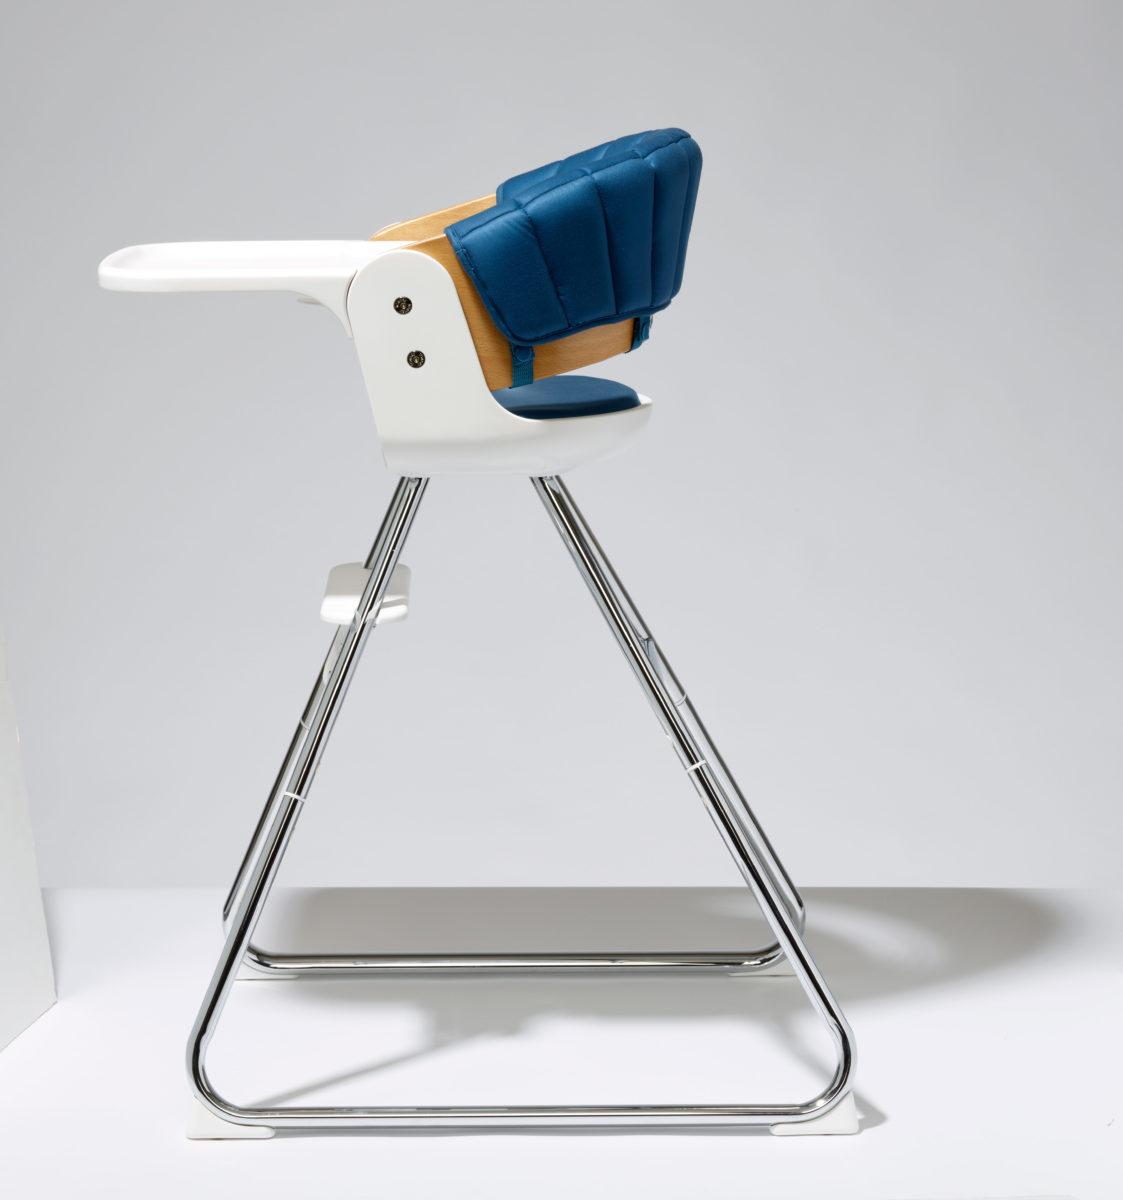 iCandy-Mi-Chair-SIDE-Blue-Tray-jpg